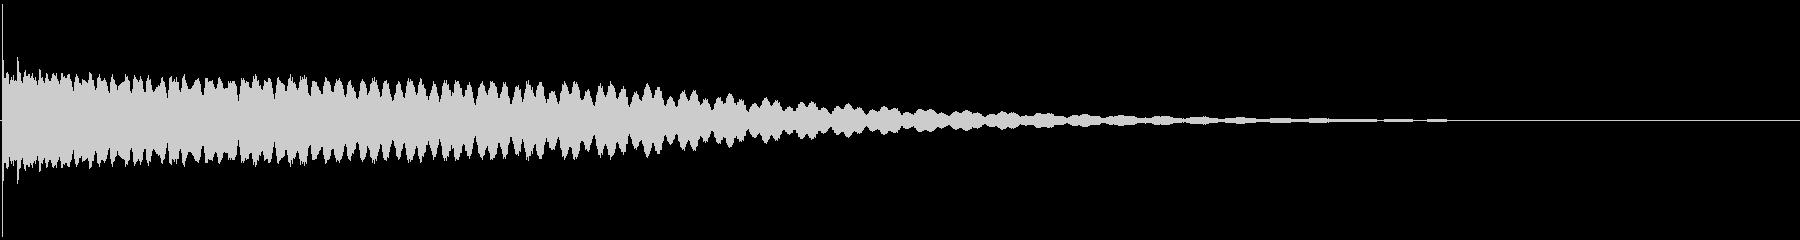 大徳寺りん 02の未再生の波形